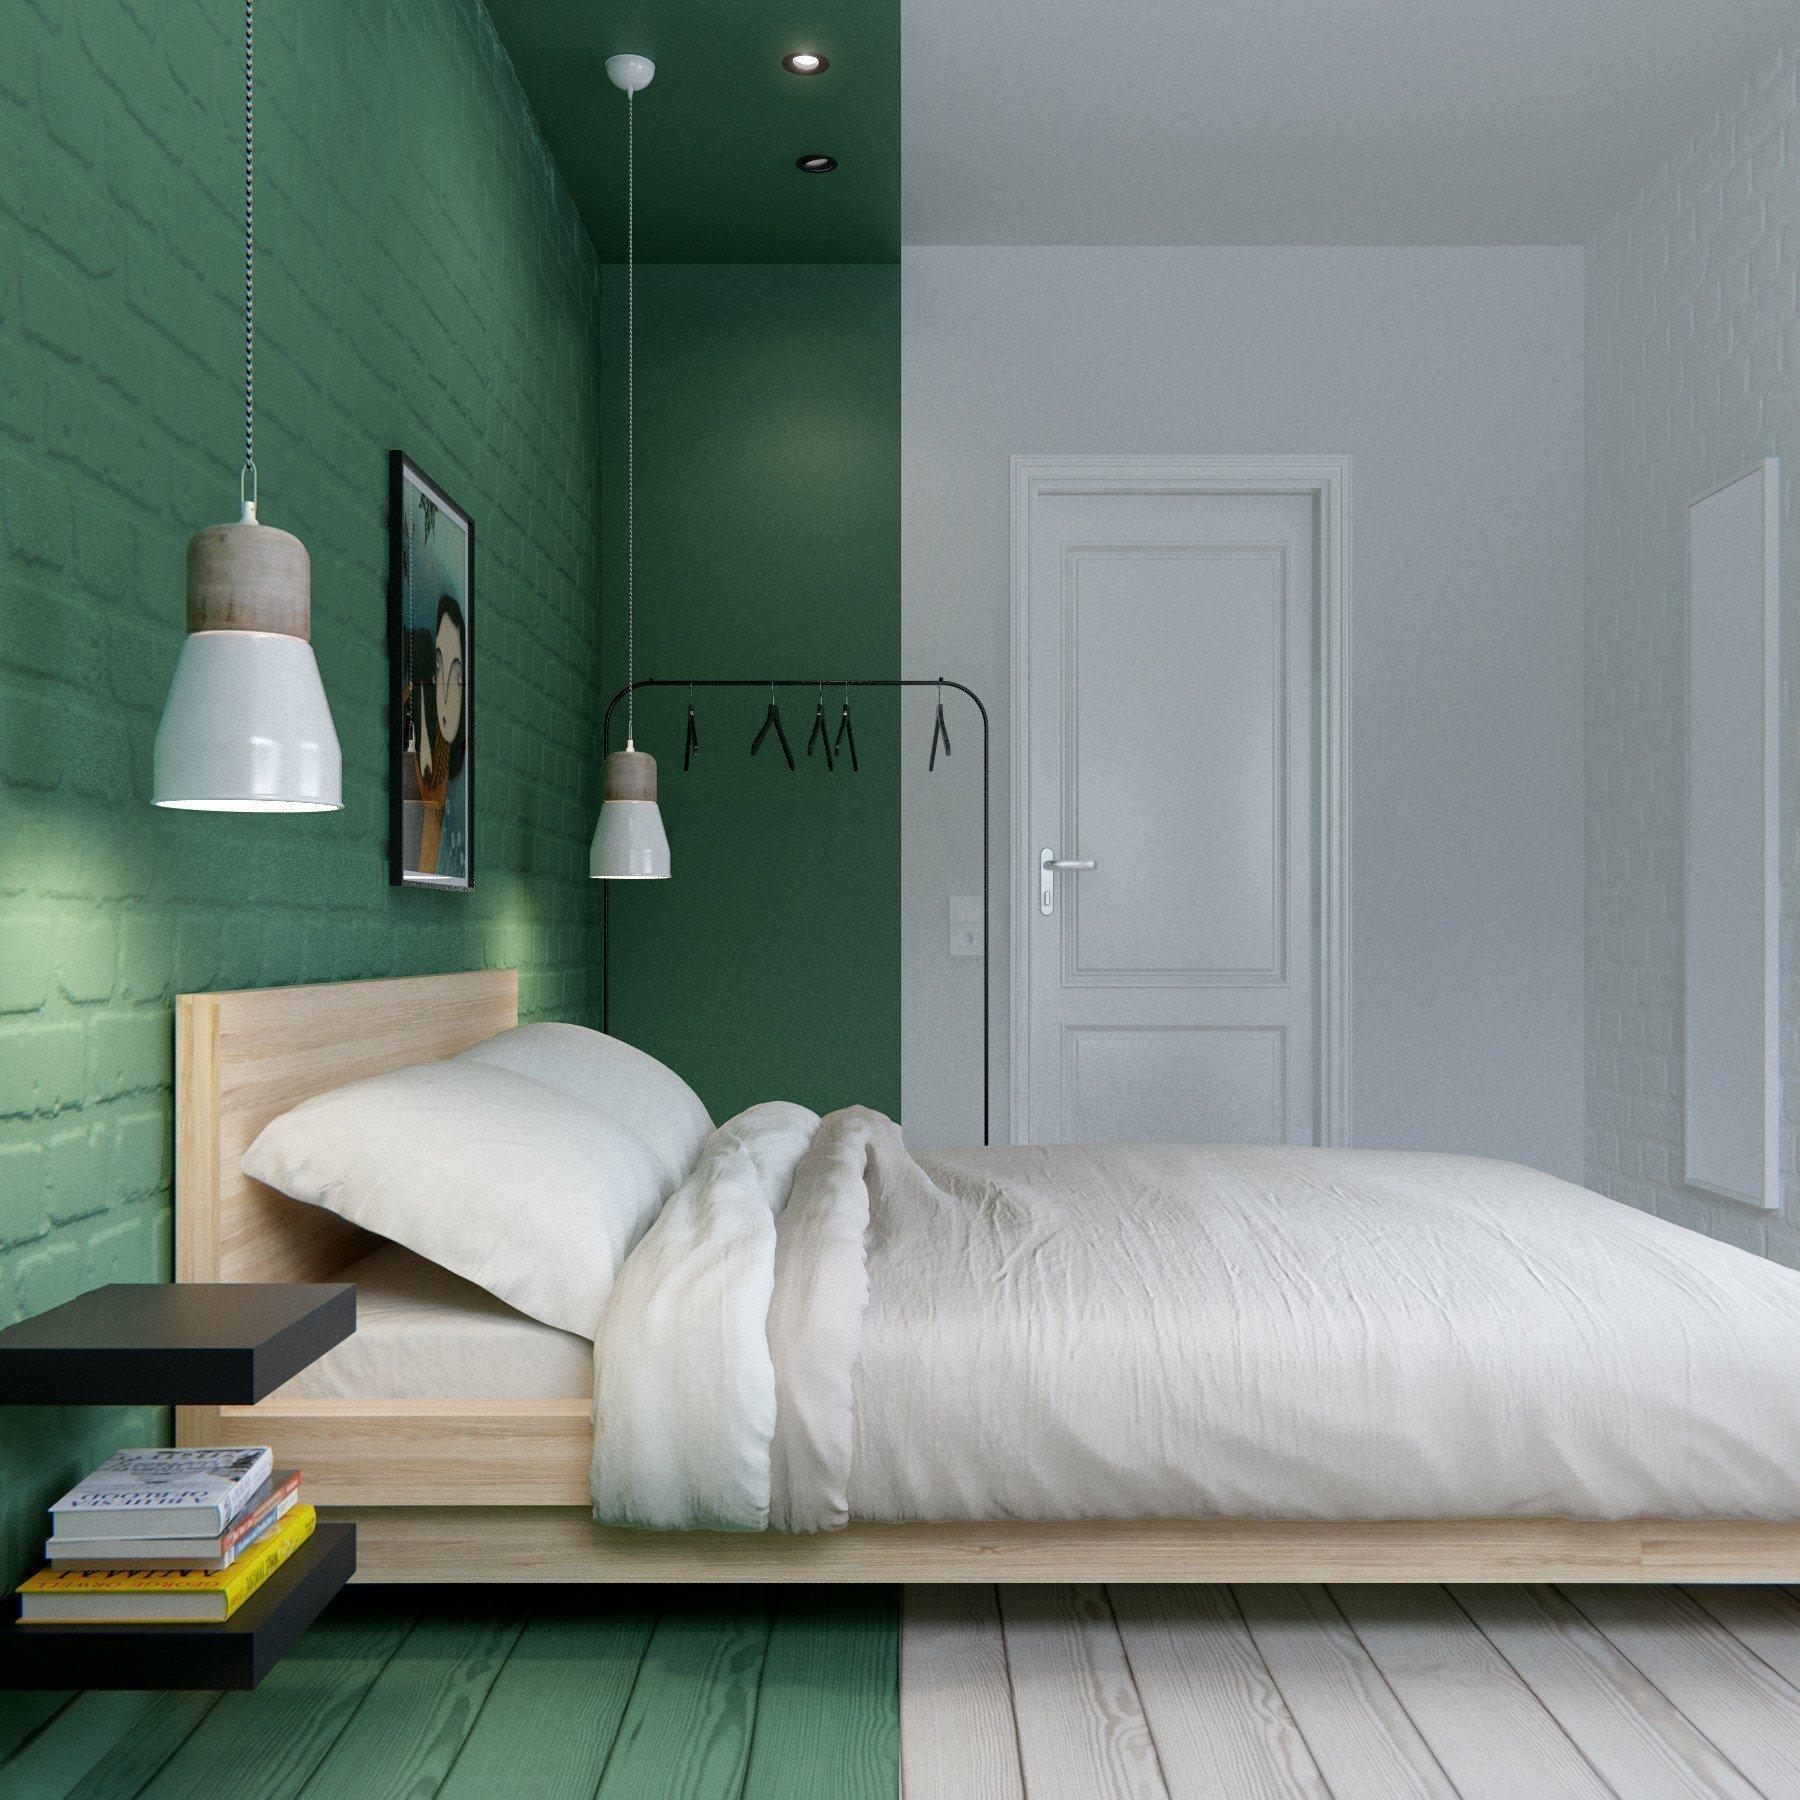 Zelená barva je jednou z barev, které můžeme na světě vidět nejčastěji. Je to hlavně proto, že spolu s modrou barvou tvoří dvě hlavní barvy, které vidíme v přírodě nejvíce. Proto není divu, že si kousek této energické a zároveň uklidňující barvy vnášíme i do svých domovů. Jaké odstíny do interiéru volit? Jak na nás zelená barva působí? To se dozvíte v tomto článku.